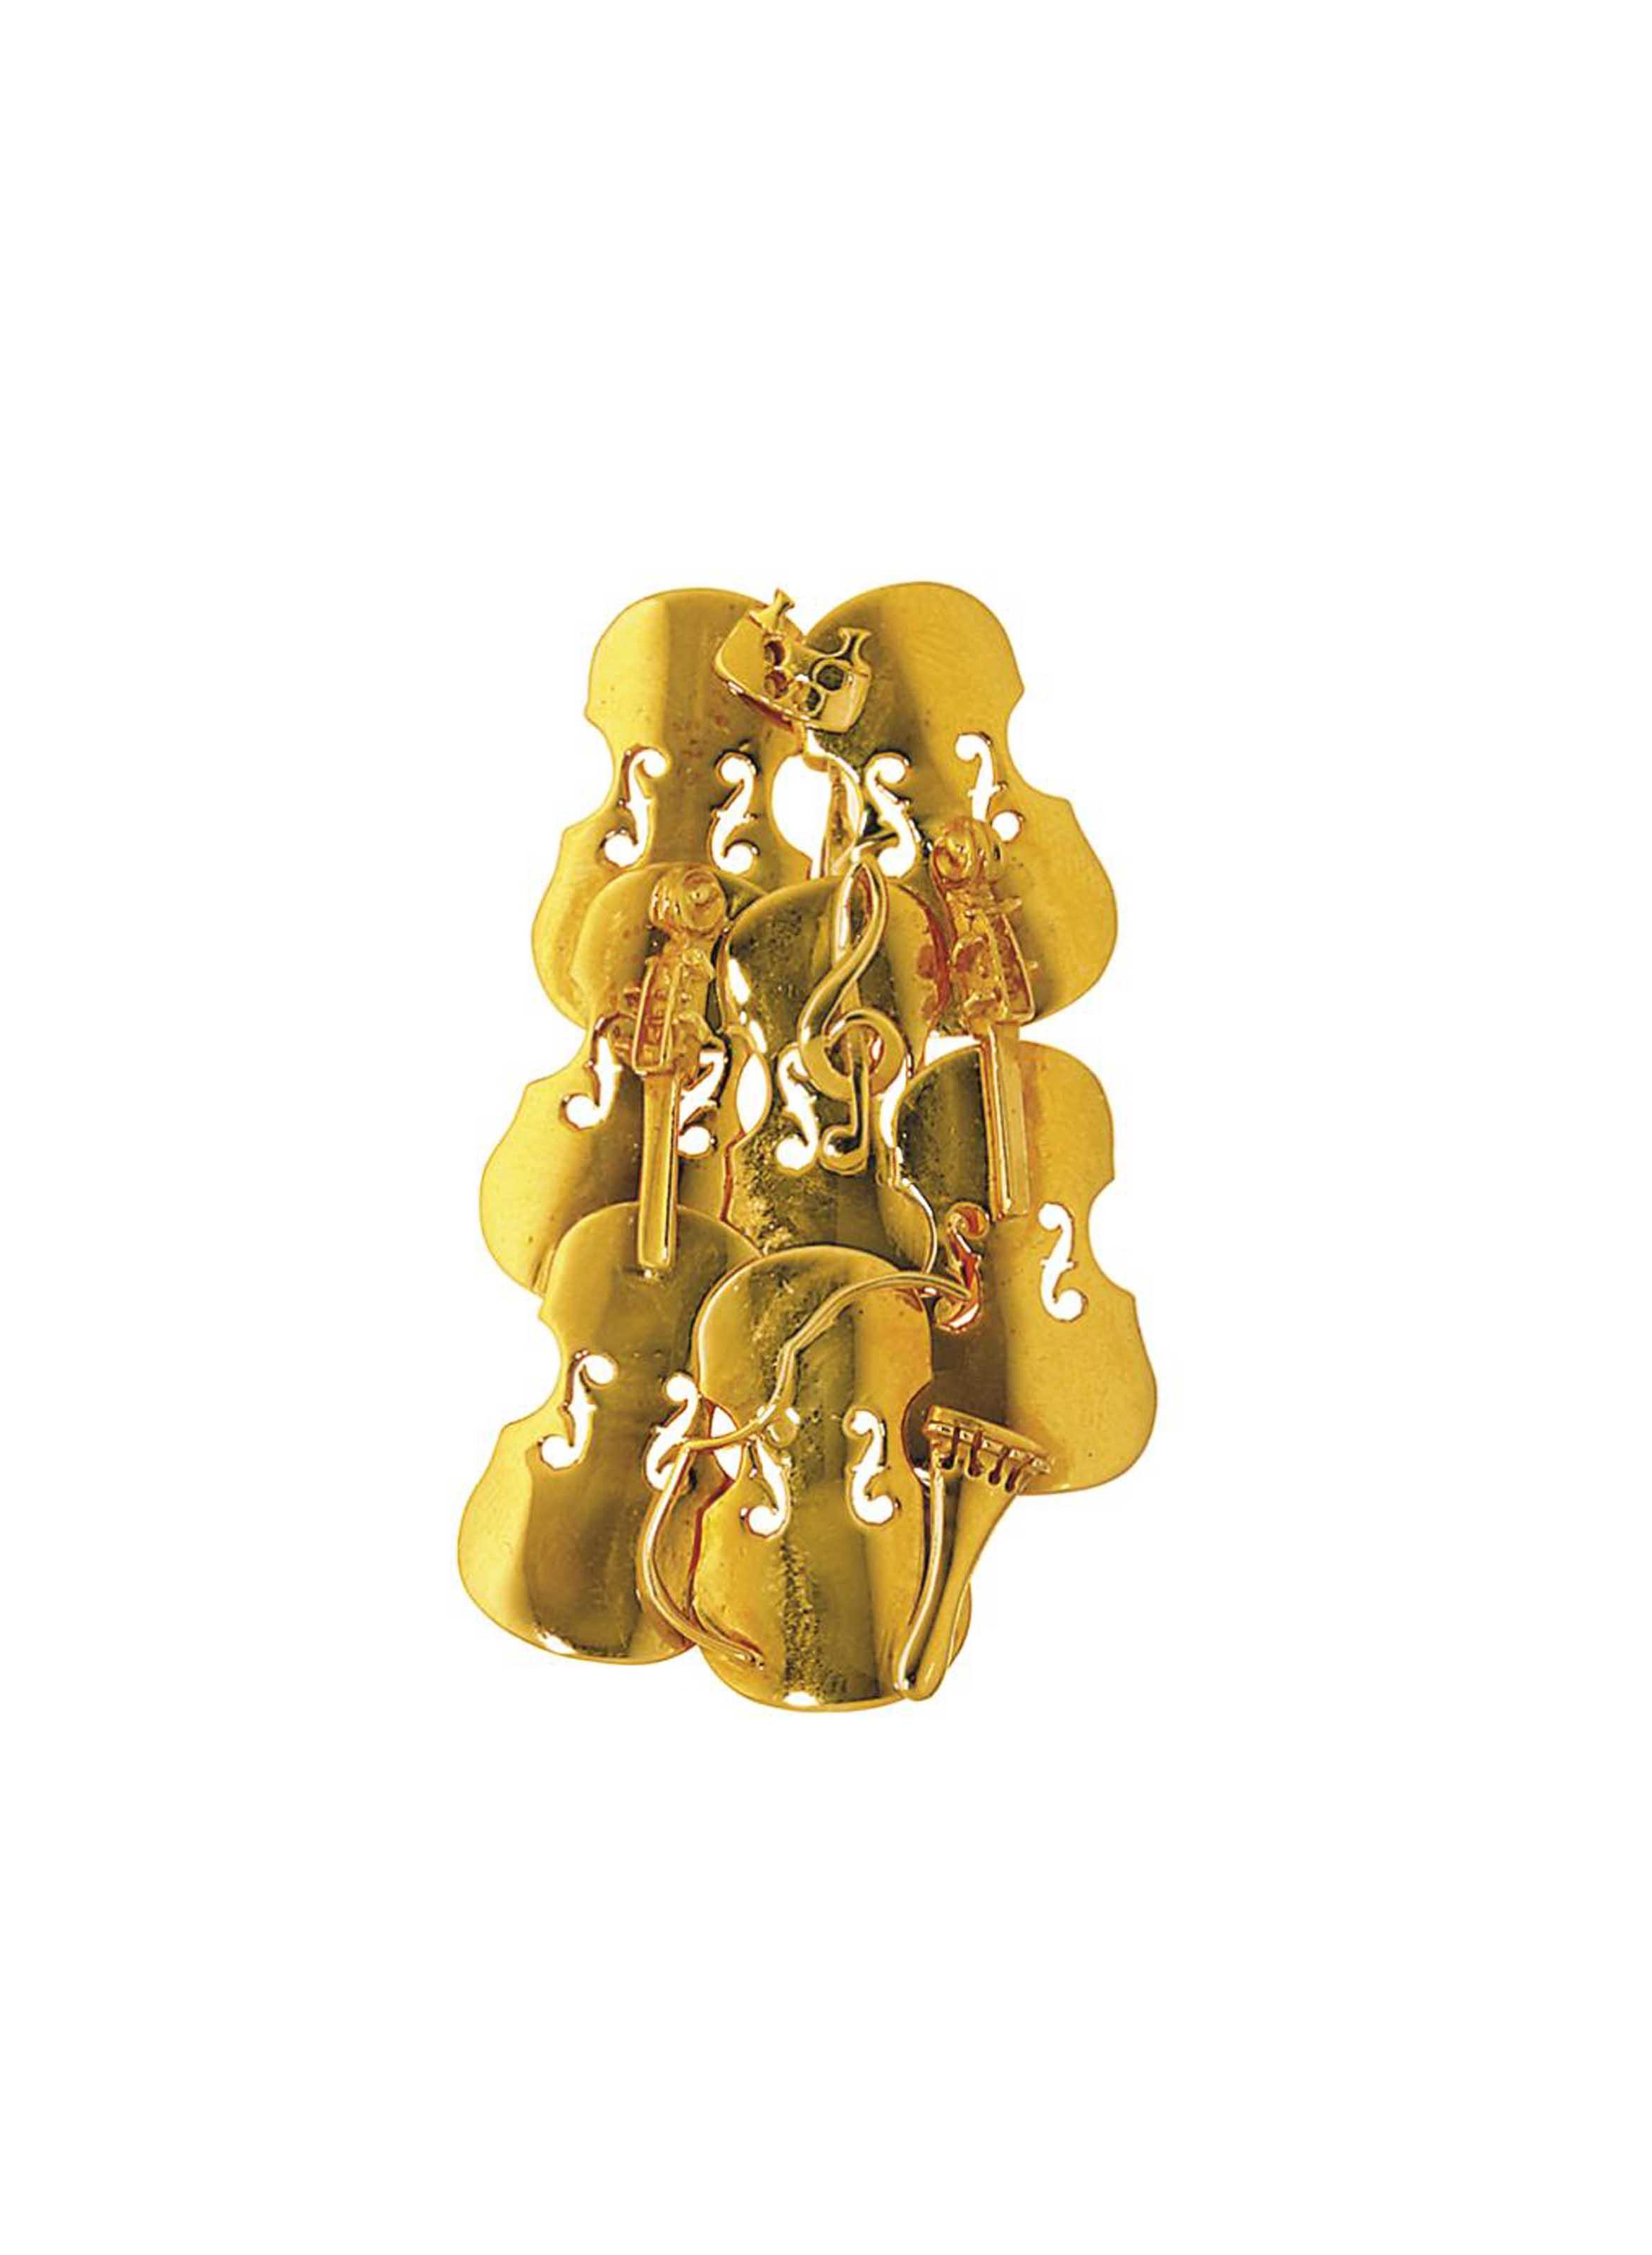 A 'Colère de Violon' brooch/pendant, by Arman